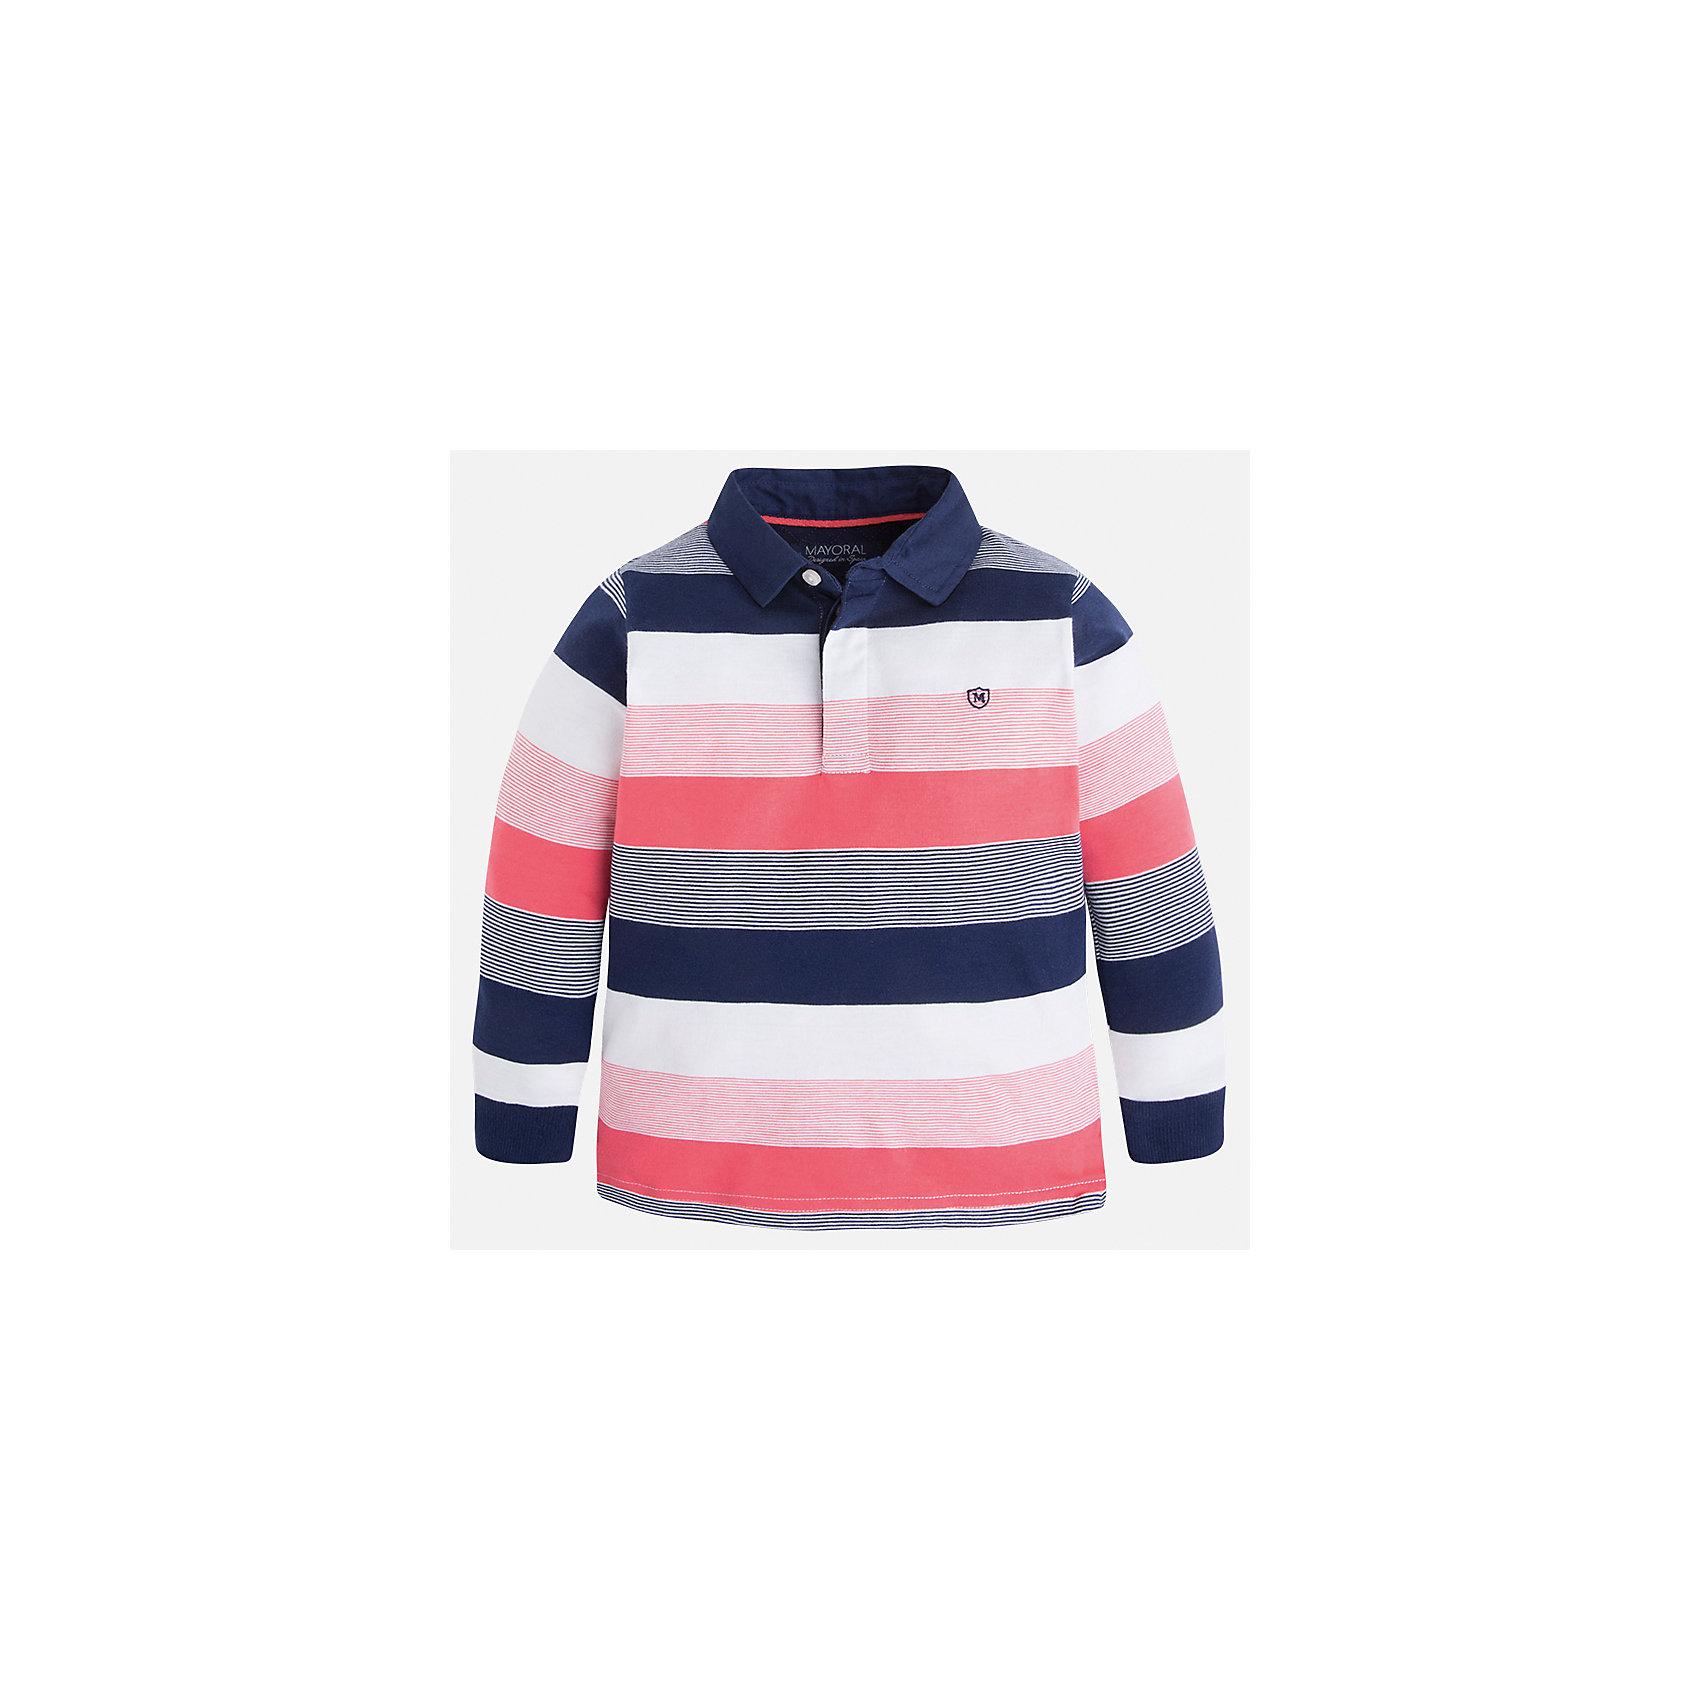 Футболка-поло с длинным рукавом для мальчика MayoralПолоска<br>Характеристики товара:<br><br>• цвет: розовый/синий/белый<br>• состав: 100% хлопок<br>• отложной воротник<br>• длинные рукава<br>• застежка: пуговицы<br>• вышивка на груди<br>• страна бренда: Испания<br><br>Удобная модная рубашка-поло для мальчика может стать базовой вещью в гардеробе ребенка. Она отлично сочетается с брюками, шортами, джинсами и т.д. Универсальный крой и цвет позволяет подобрать к вещи низ разных расцветок. Практичное и стильное изделие! В составе материала - только натуральный хлопок, гипоаллергенный, приятный на ощупь, дышащий.<br><br>Одежда, обувь и аксессуары от испанского бренда Mayoral полюбились детям и взрослым по всему миру. Модели этой марки - стильные и удобные. Для их производства используются только безопасные, качественные материалы и фурнитура. Порадуйте ребенка модными и красивыми вещами от Mayoral! <br><br>Рубашку-поло для мальчика от испанского бренда Mayoral (Майорал) можно купить в нашем интернет-магазине.<br><br>Ширина мм: 230<br>Глубина мм: 40<br>Высота мм: 220<br>Вес г: 250<br>Цвет: розовый<br>Возраст от месяцев: 24<br>Возраст до месяцев: 36<br>Пол: Мужской<br>Возраст: Детский<br>Размер: 98,104,134,128,122,116,110,92<br>SKU: 5272144